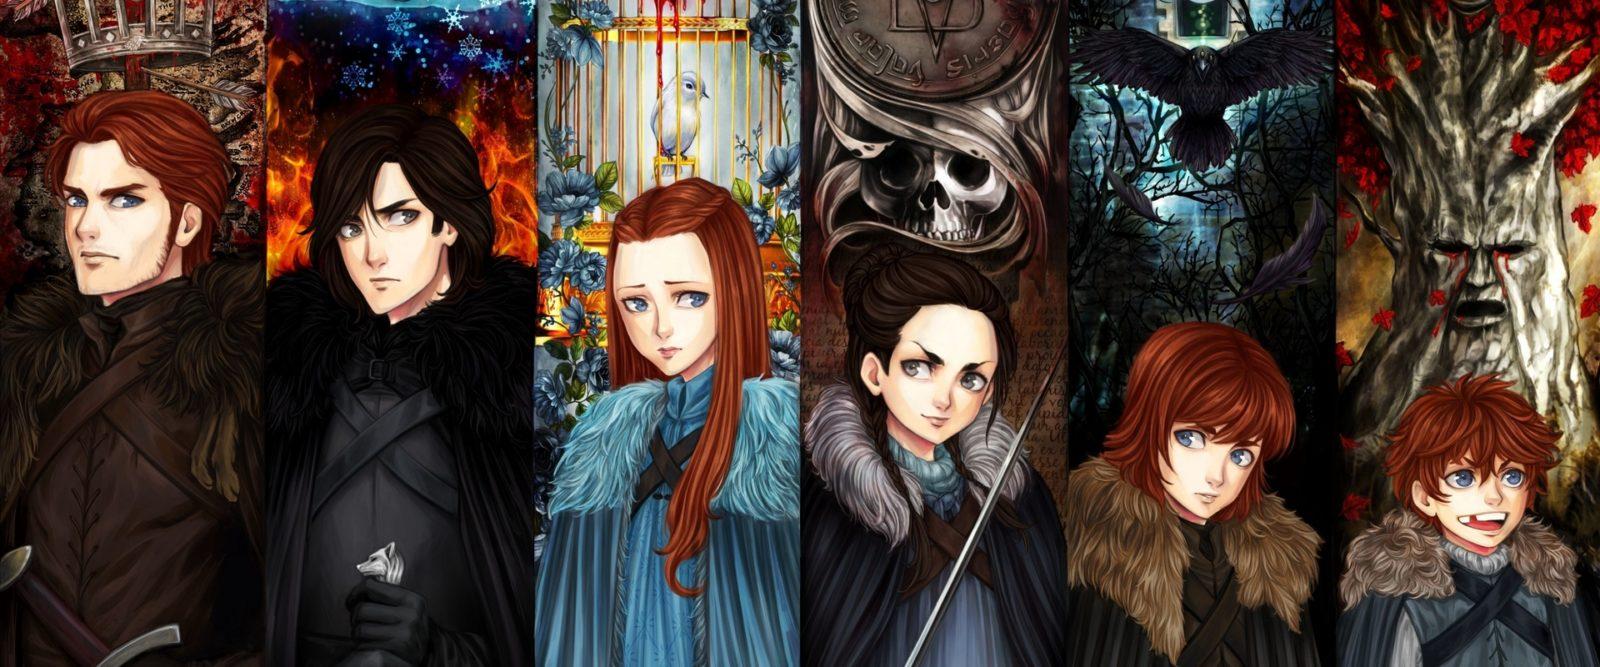 Слух: по «Игре престолов» могут снять мультсериал